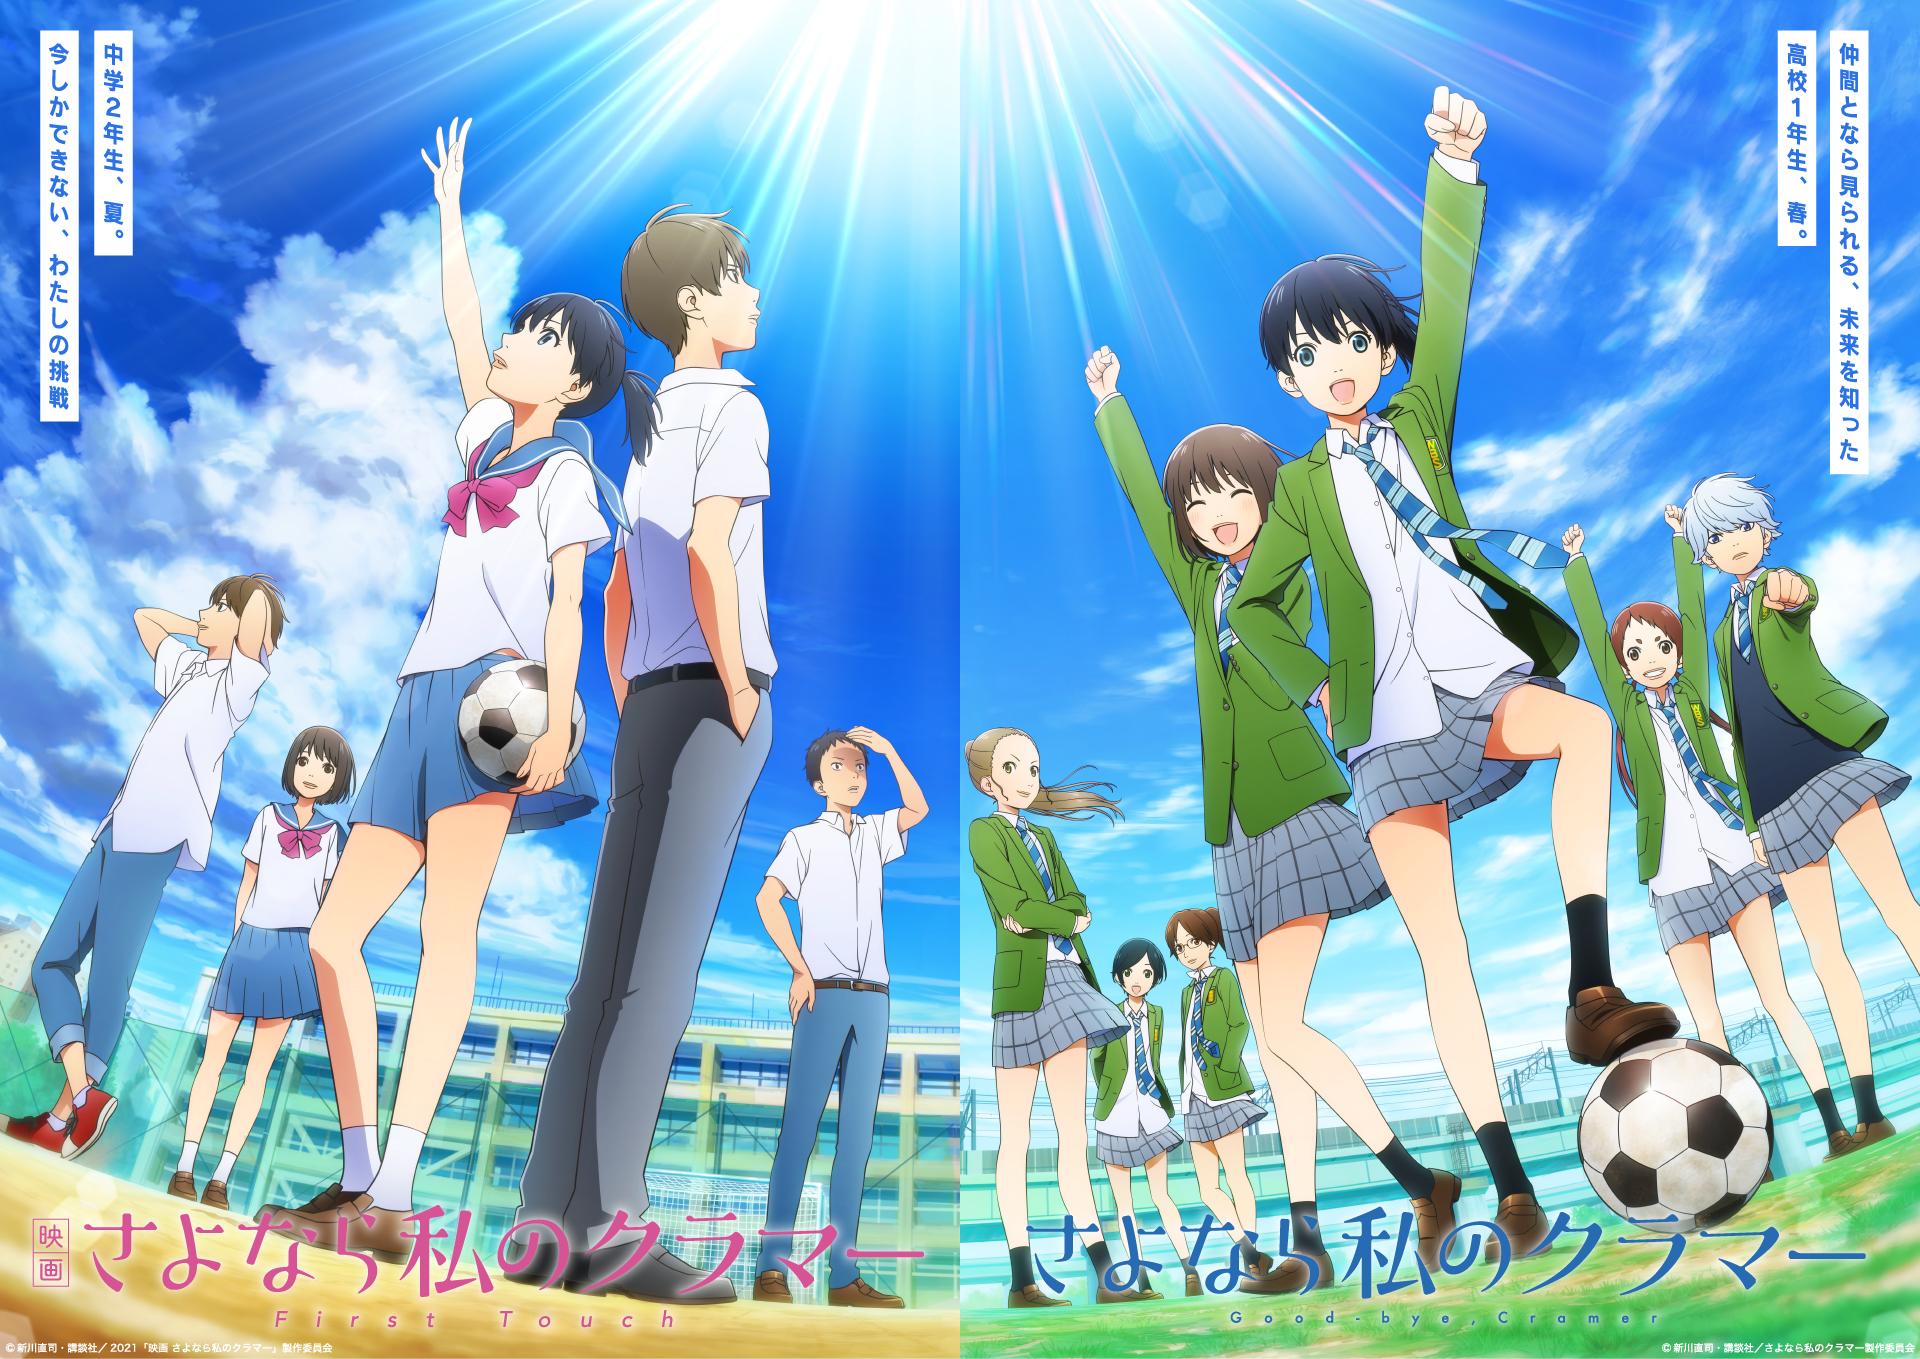 『四月は君の嘘』新川直司先生が描く『さよなら私のクラマー』映画化&TVアニメ化!サッカーが好きな少女の成長を描く